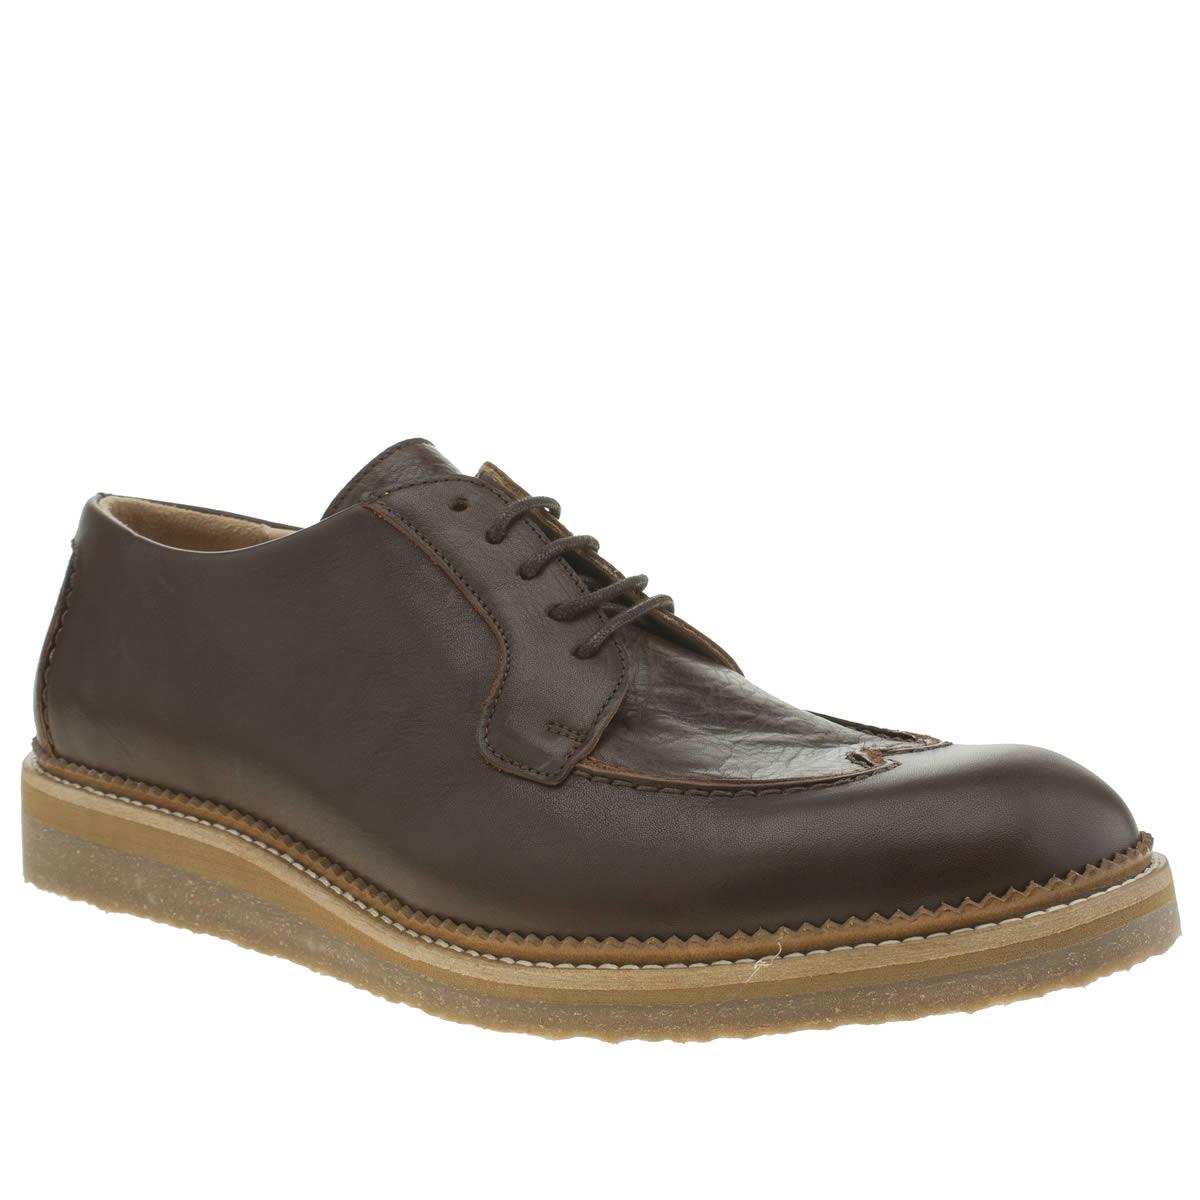 Northern Cobbler Northern Cobbler Brown Dorado Mens Shoes